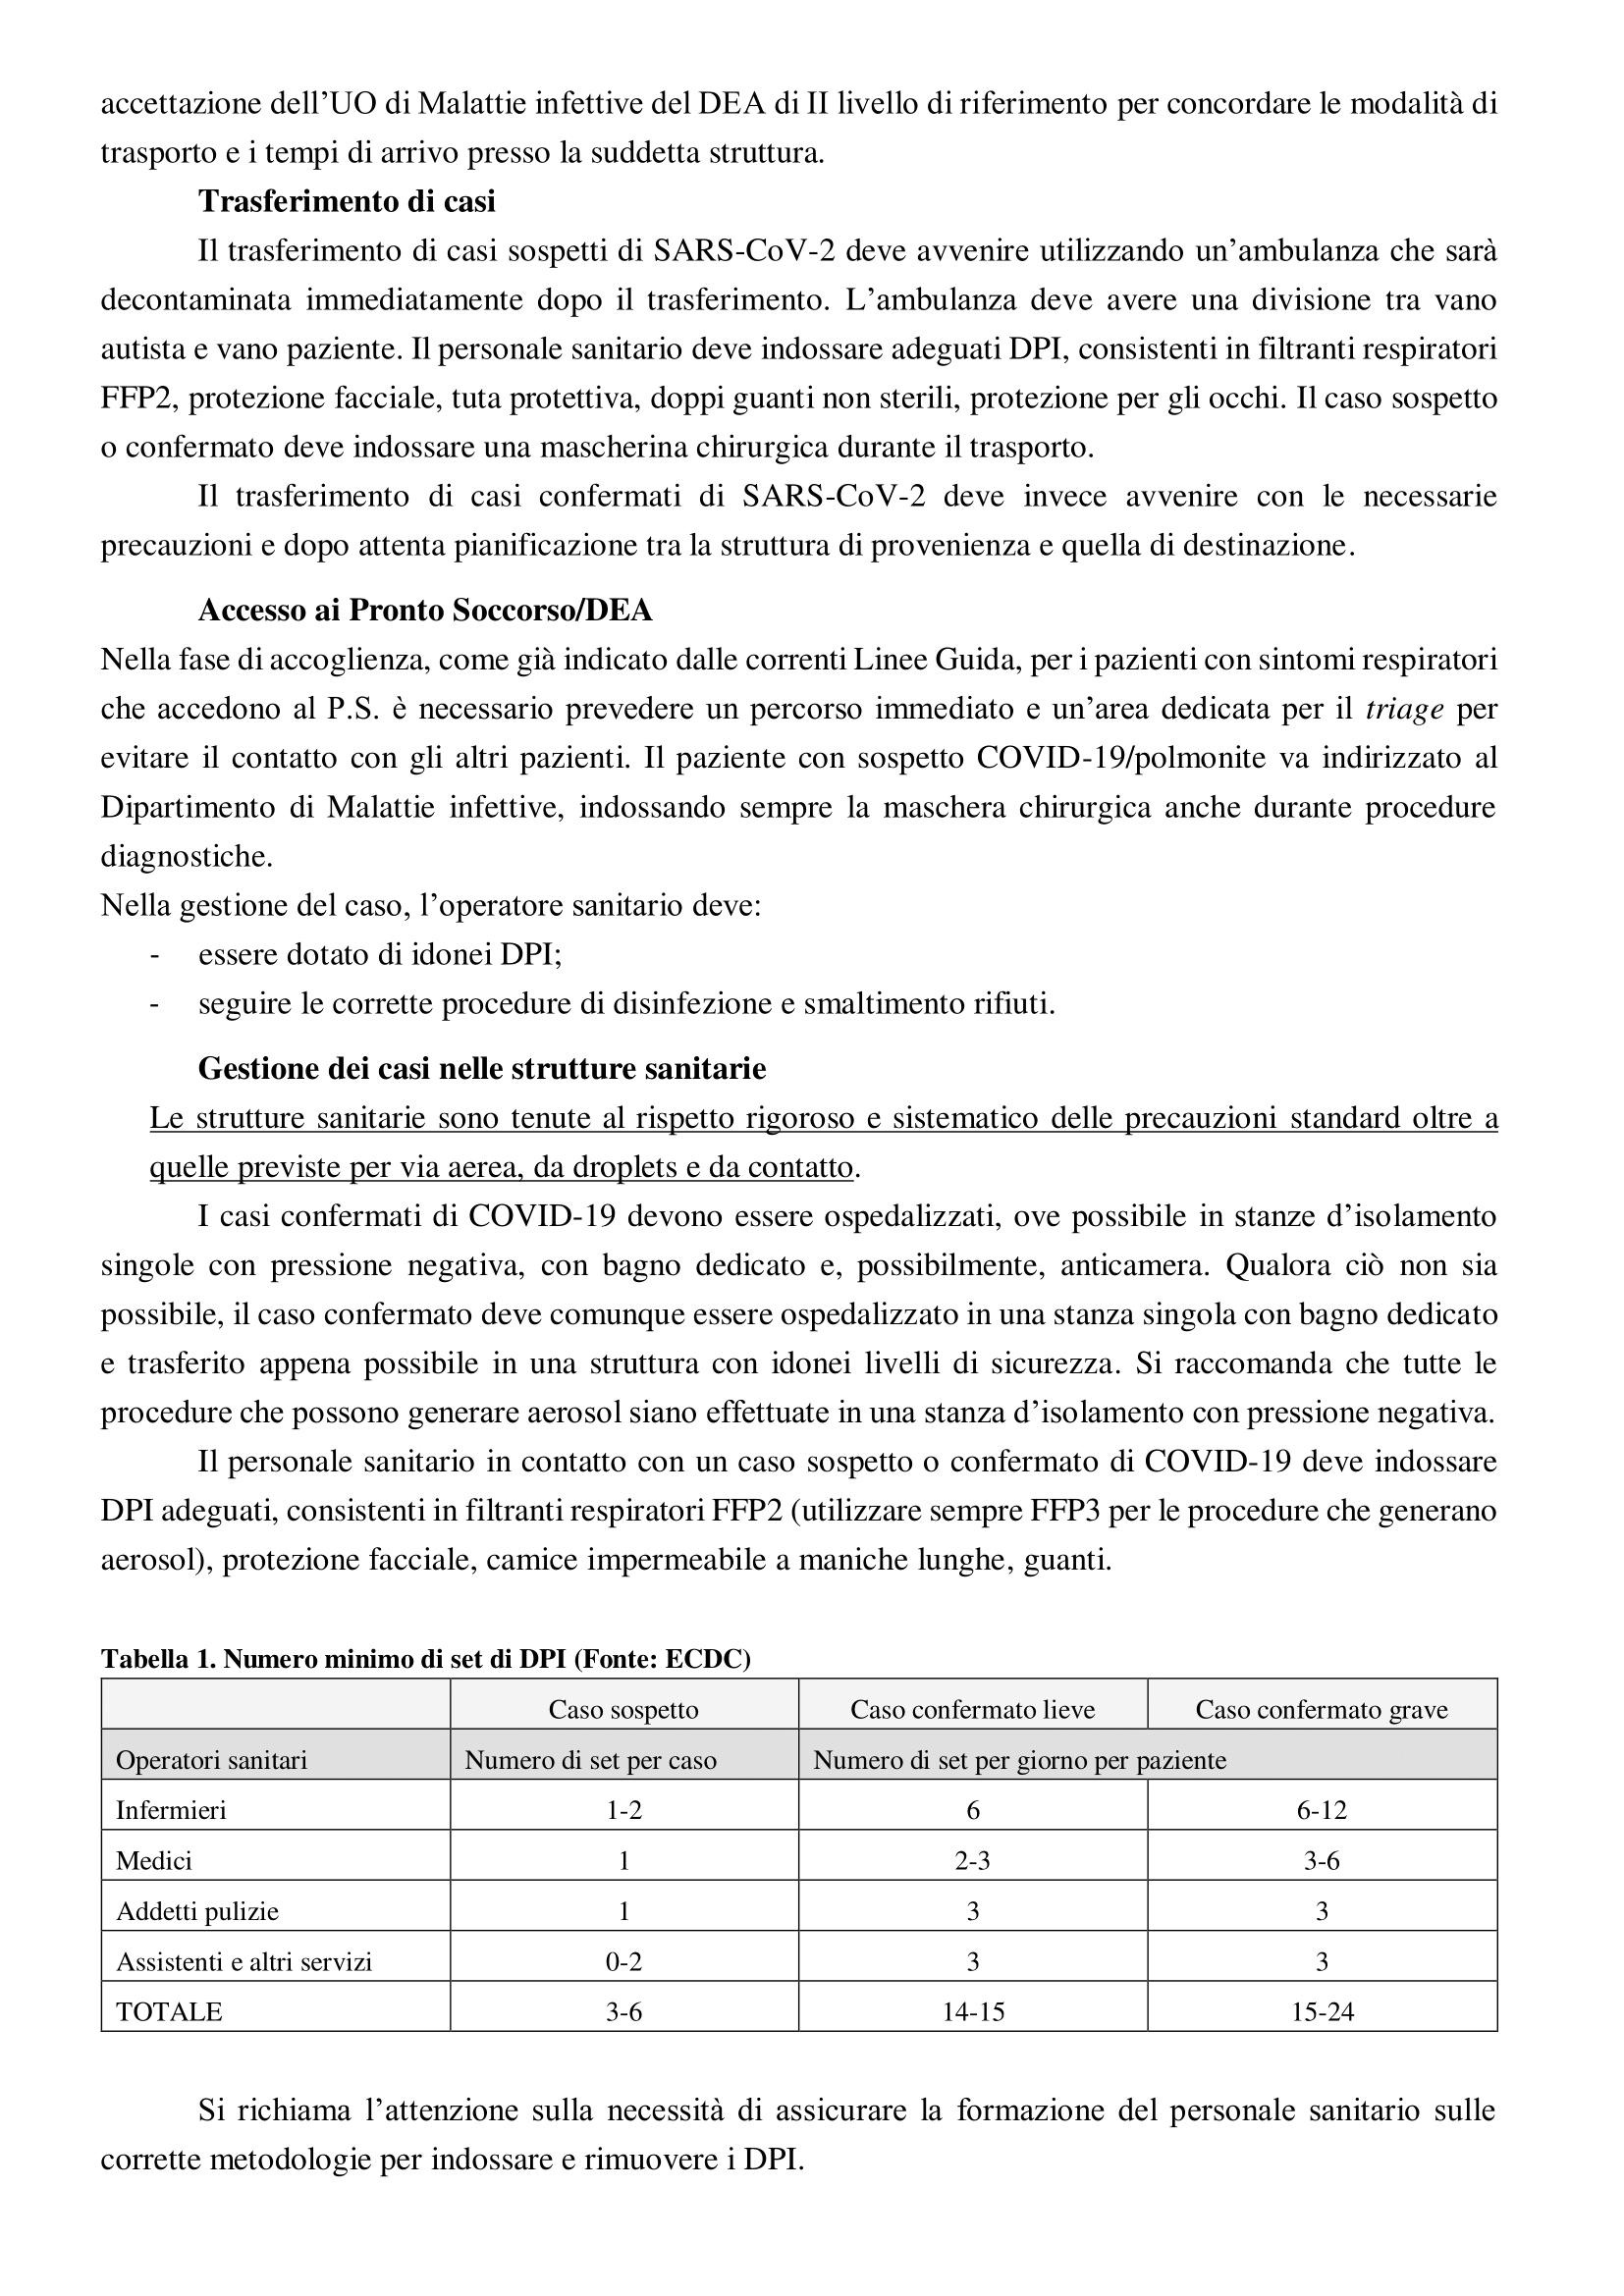 _Senza titolo.pdf-04